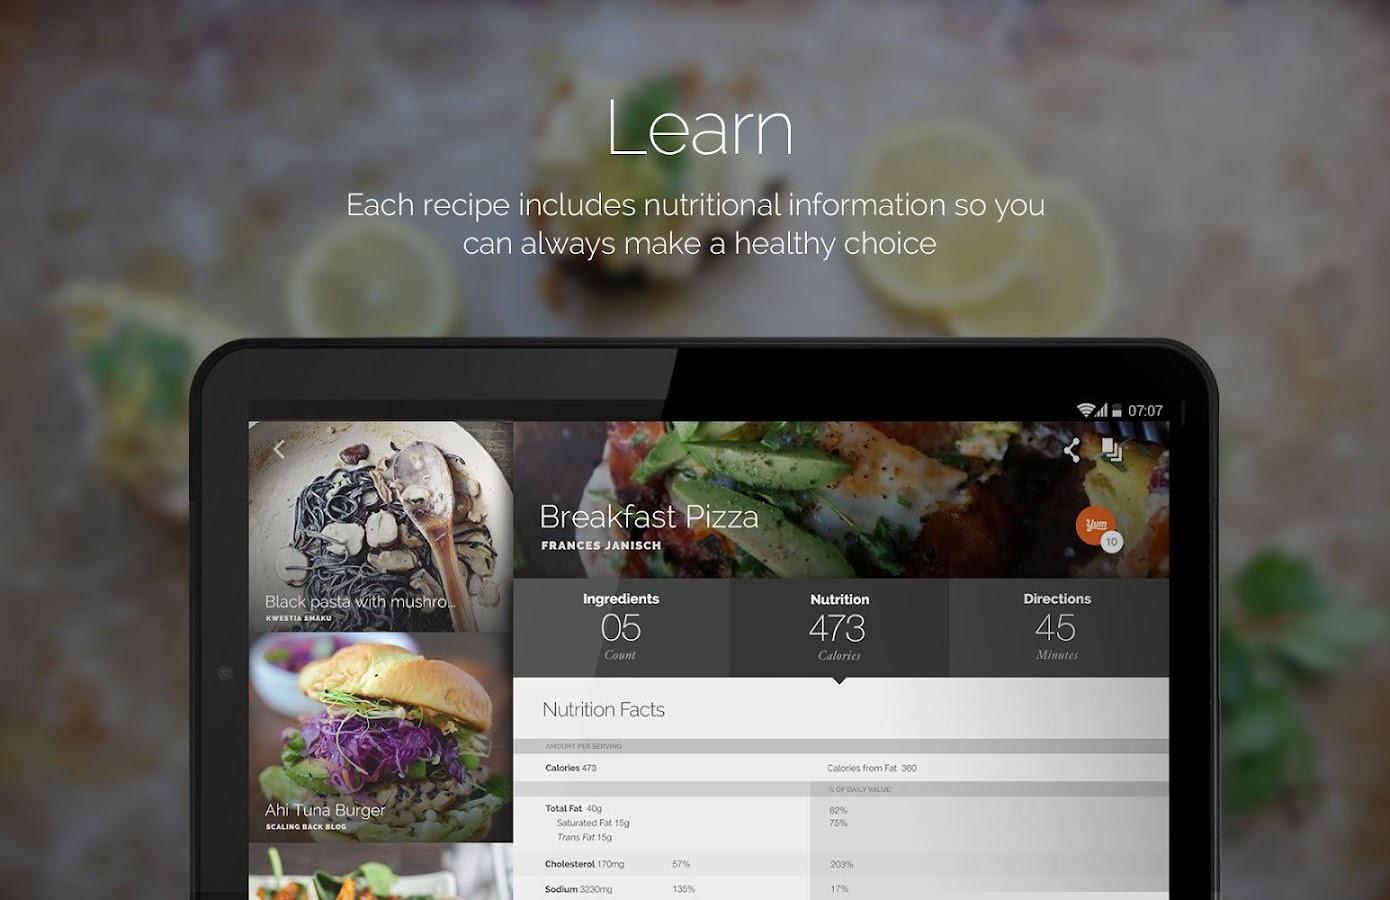 android recipe app tutorial